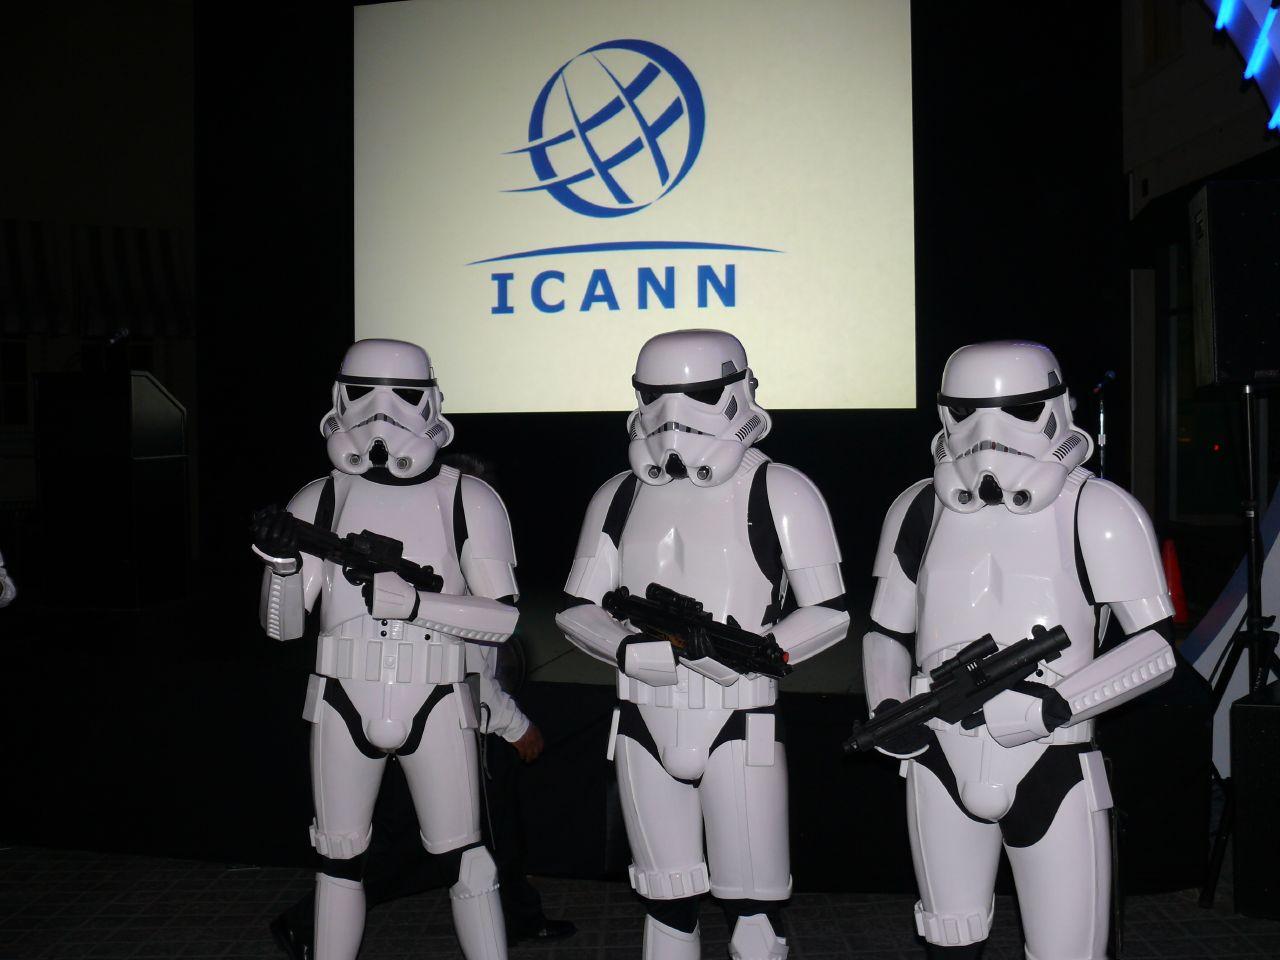 ICANN всегда представлялась этакой «обителью зла», погрязшим в бюрократии и внутренних склоках паразитом на теле глобальной сети. Тем удивительней наблюдать сейчас, как резко изменилась оценка её роли!